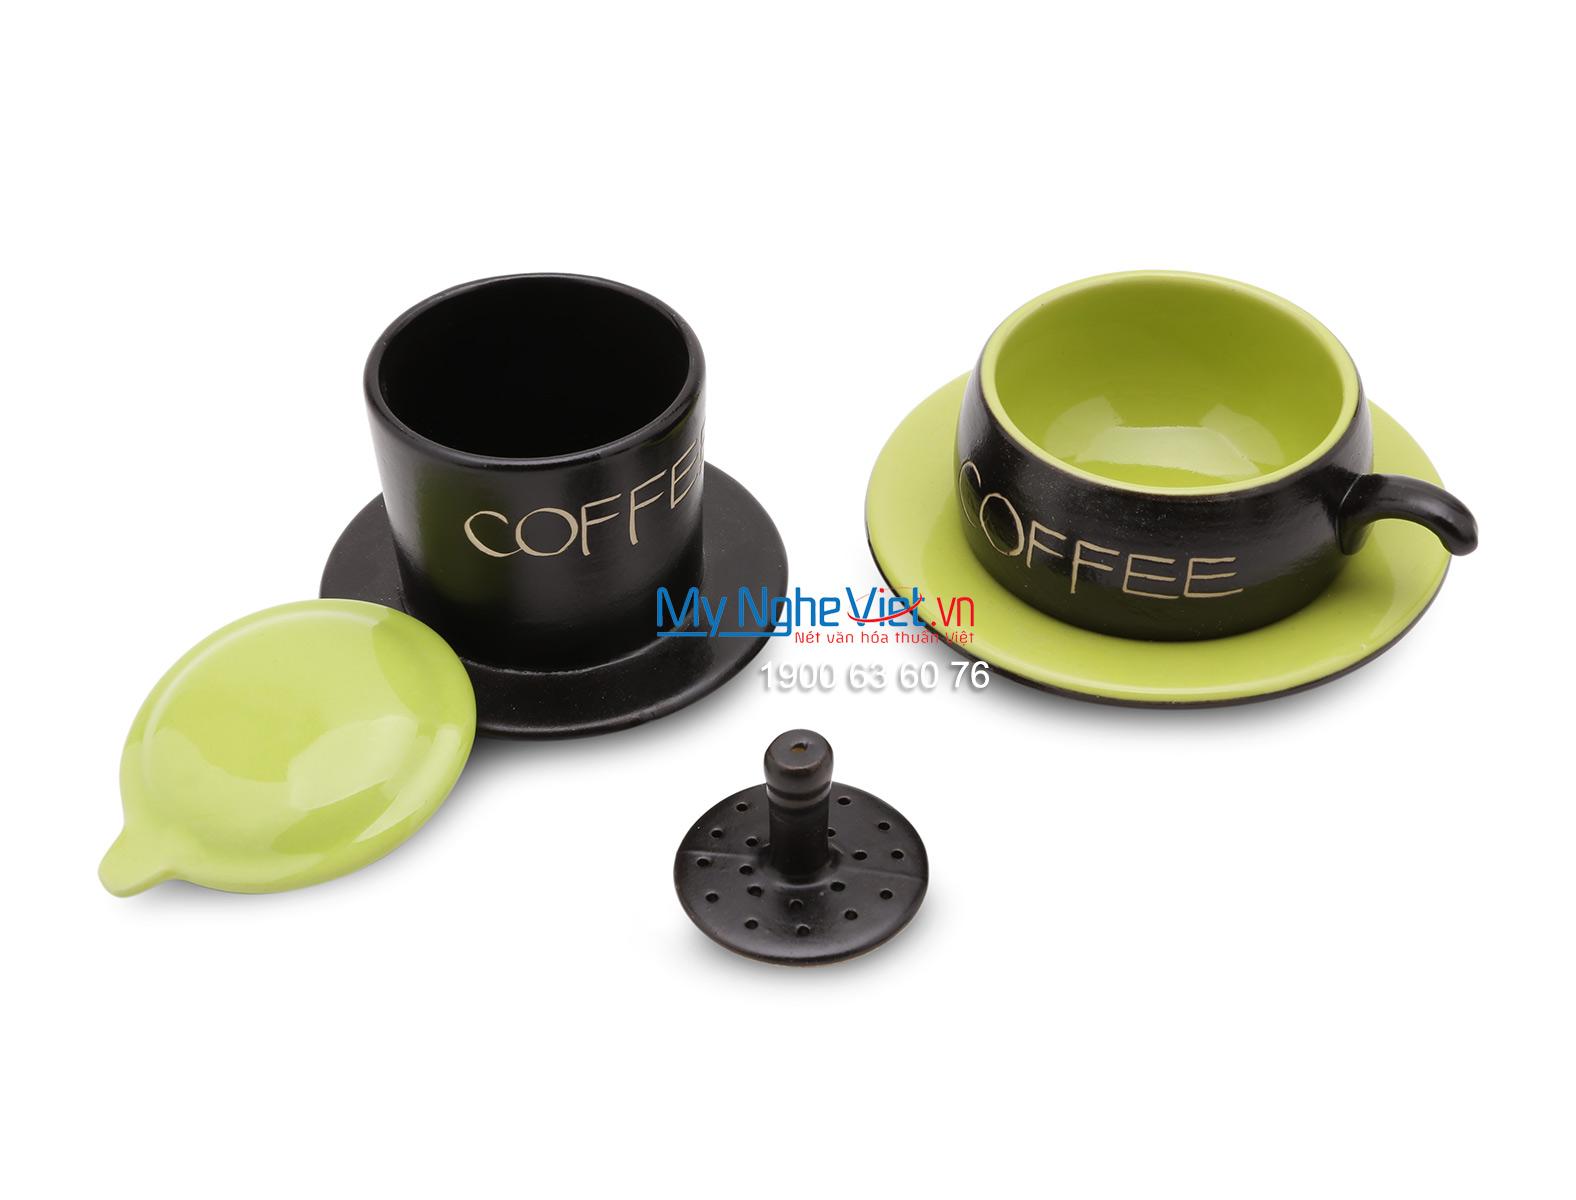 Phin Cafe Gốm Bát Tràng Màu Xanh Thấp MNV-CF001/1